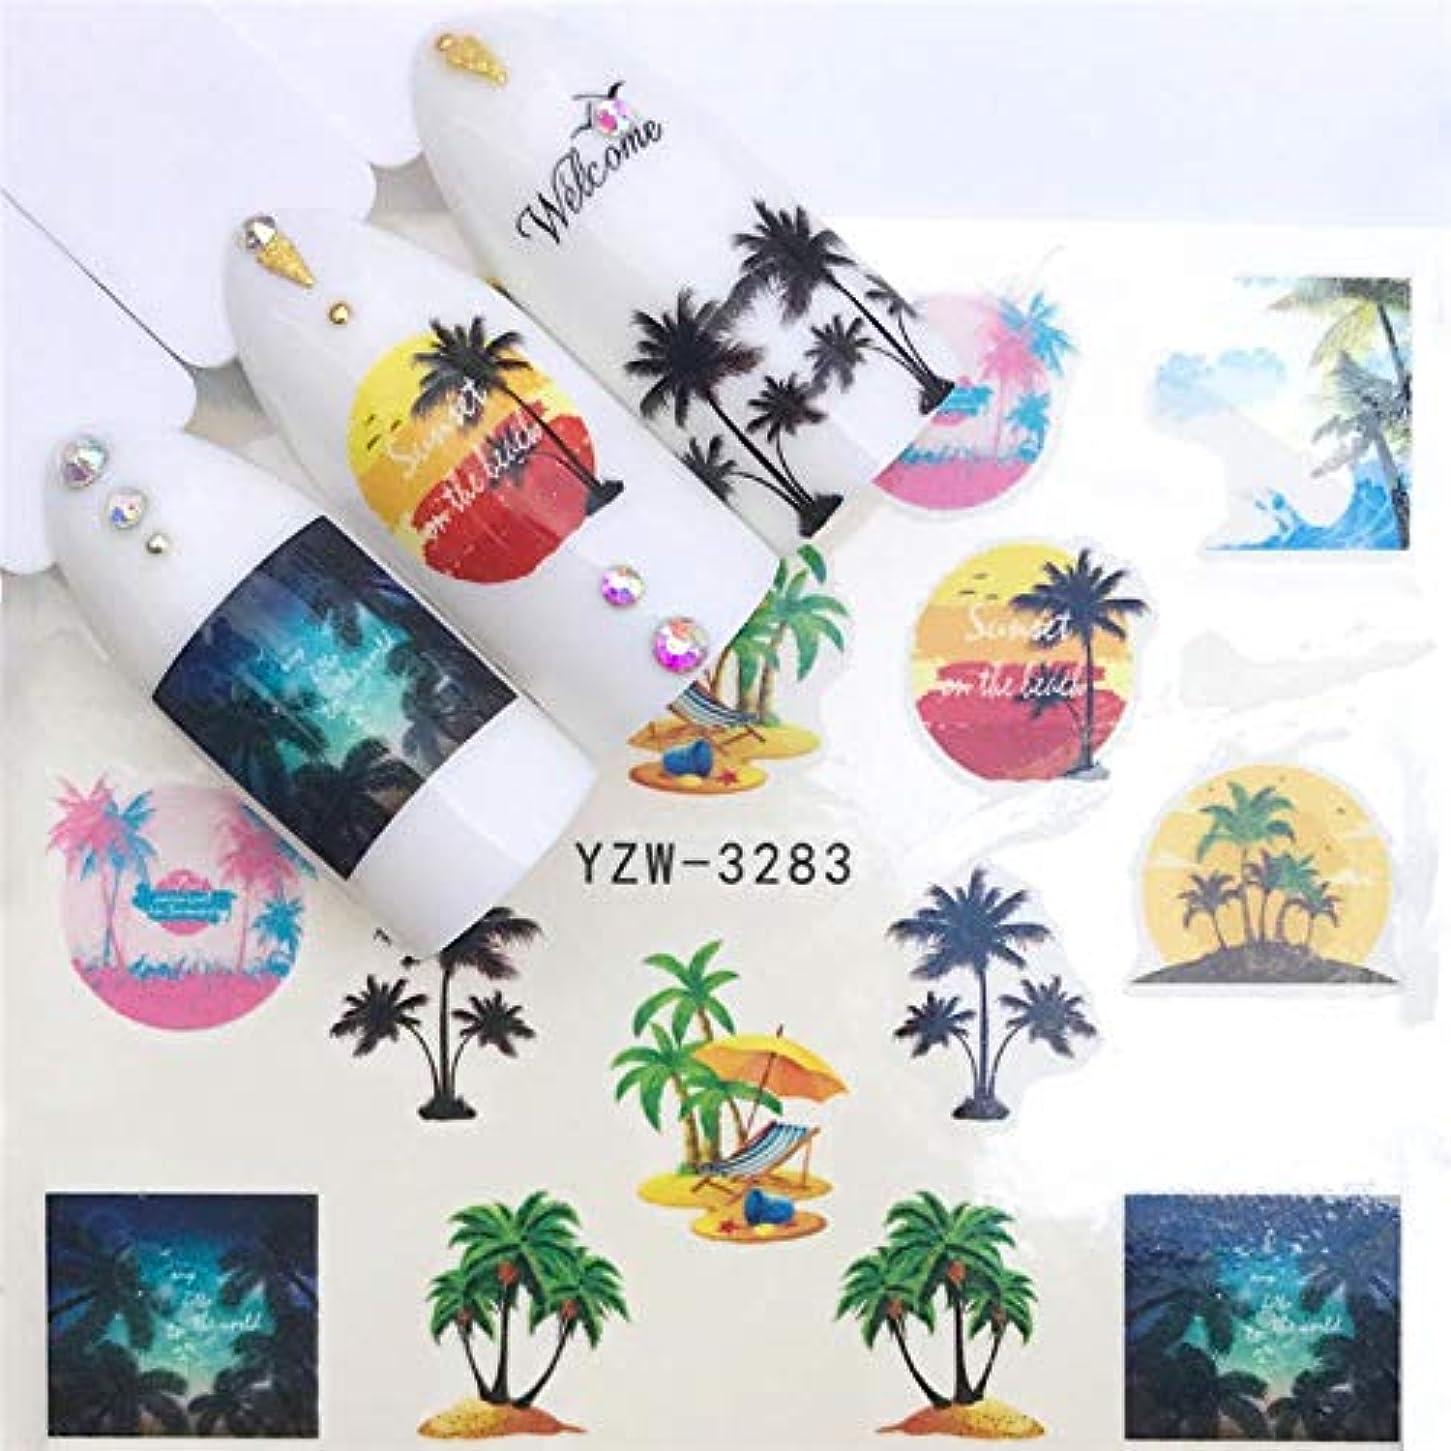 貧しい塩辛いクロスSUKTI&XIAO ネイルステッカー 1ピーススライダーネイルステッカーかわいい漫画蜂デカール夏の海洋生物デザイン用ネイルアート透かしタトゥー装飾、Yzw-3283